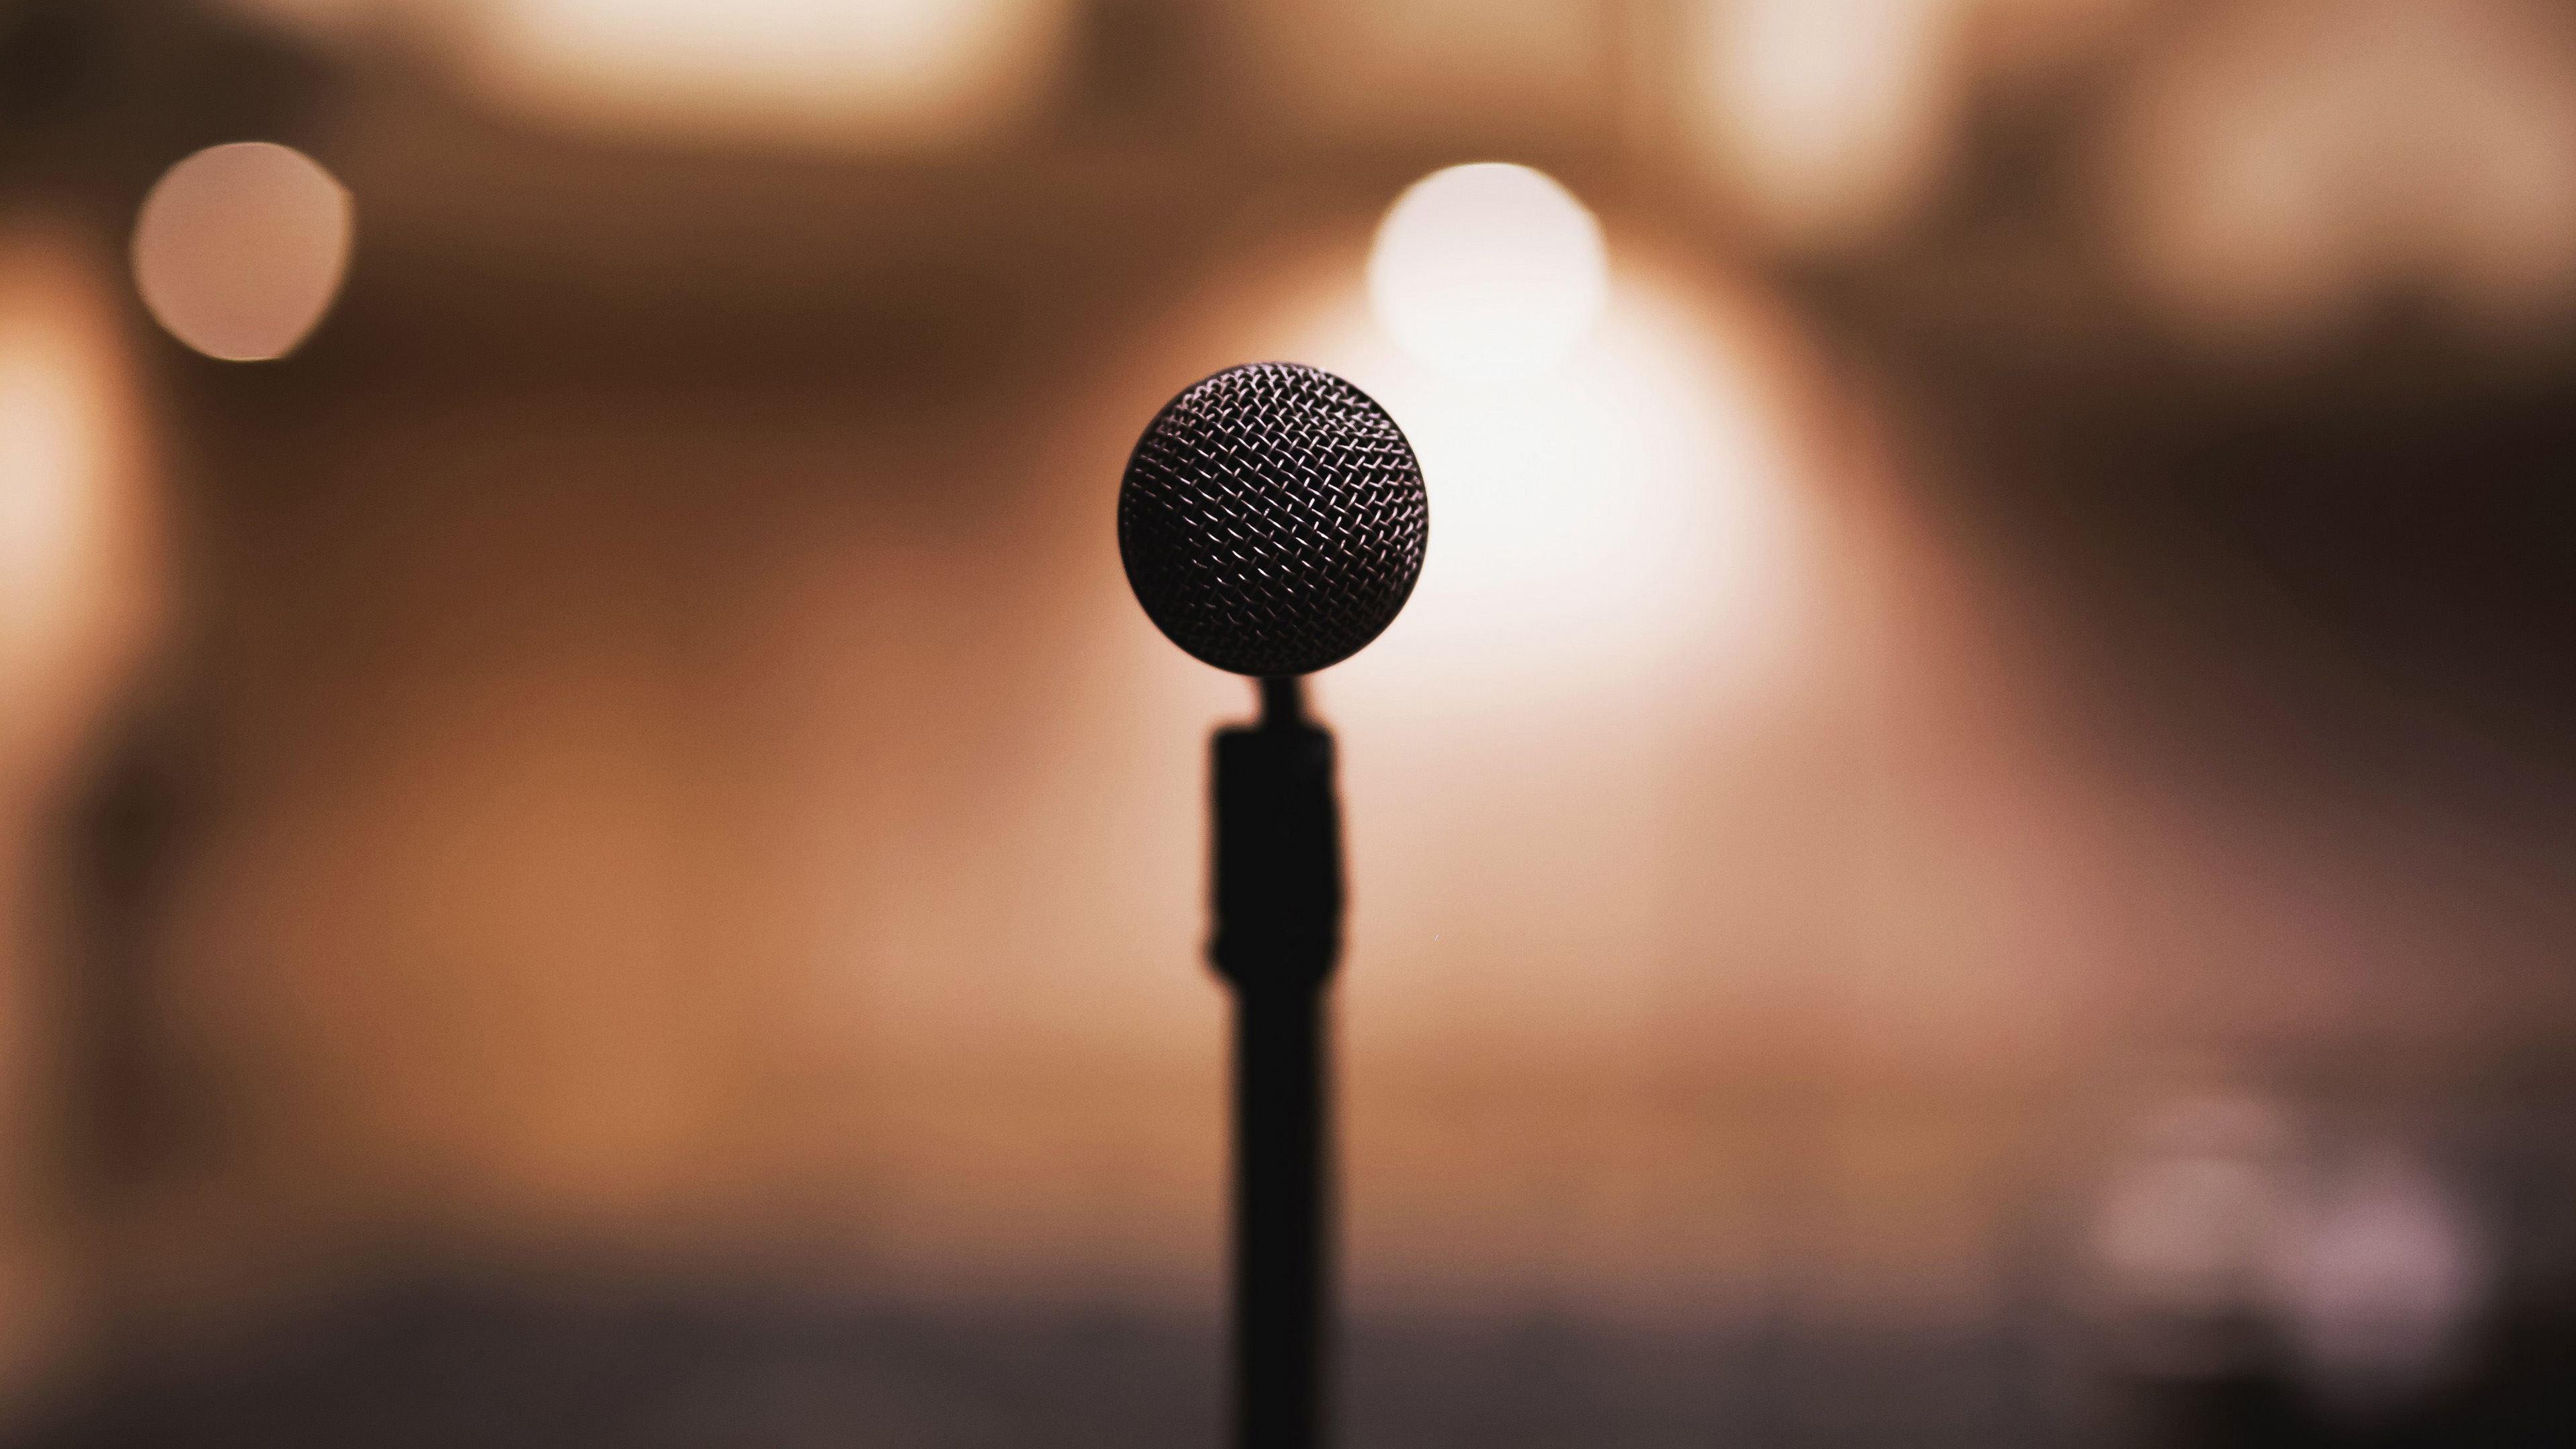 Pixabay, Dina ord - öppen scen för poesi och spoken word